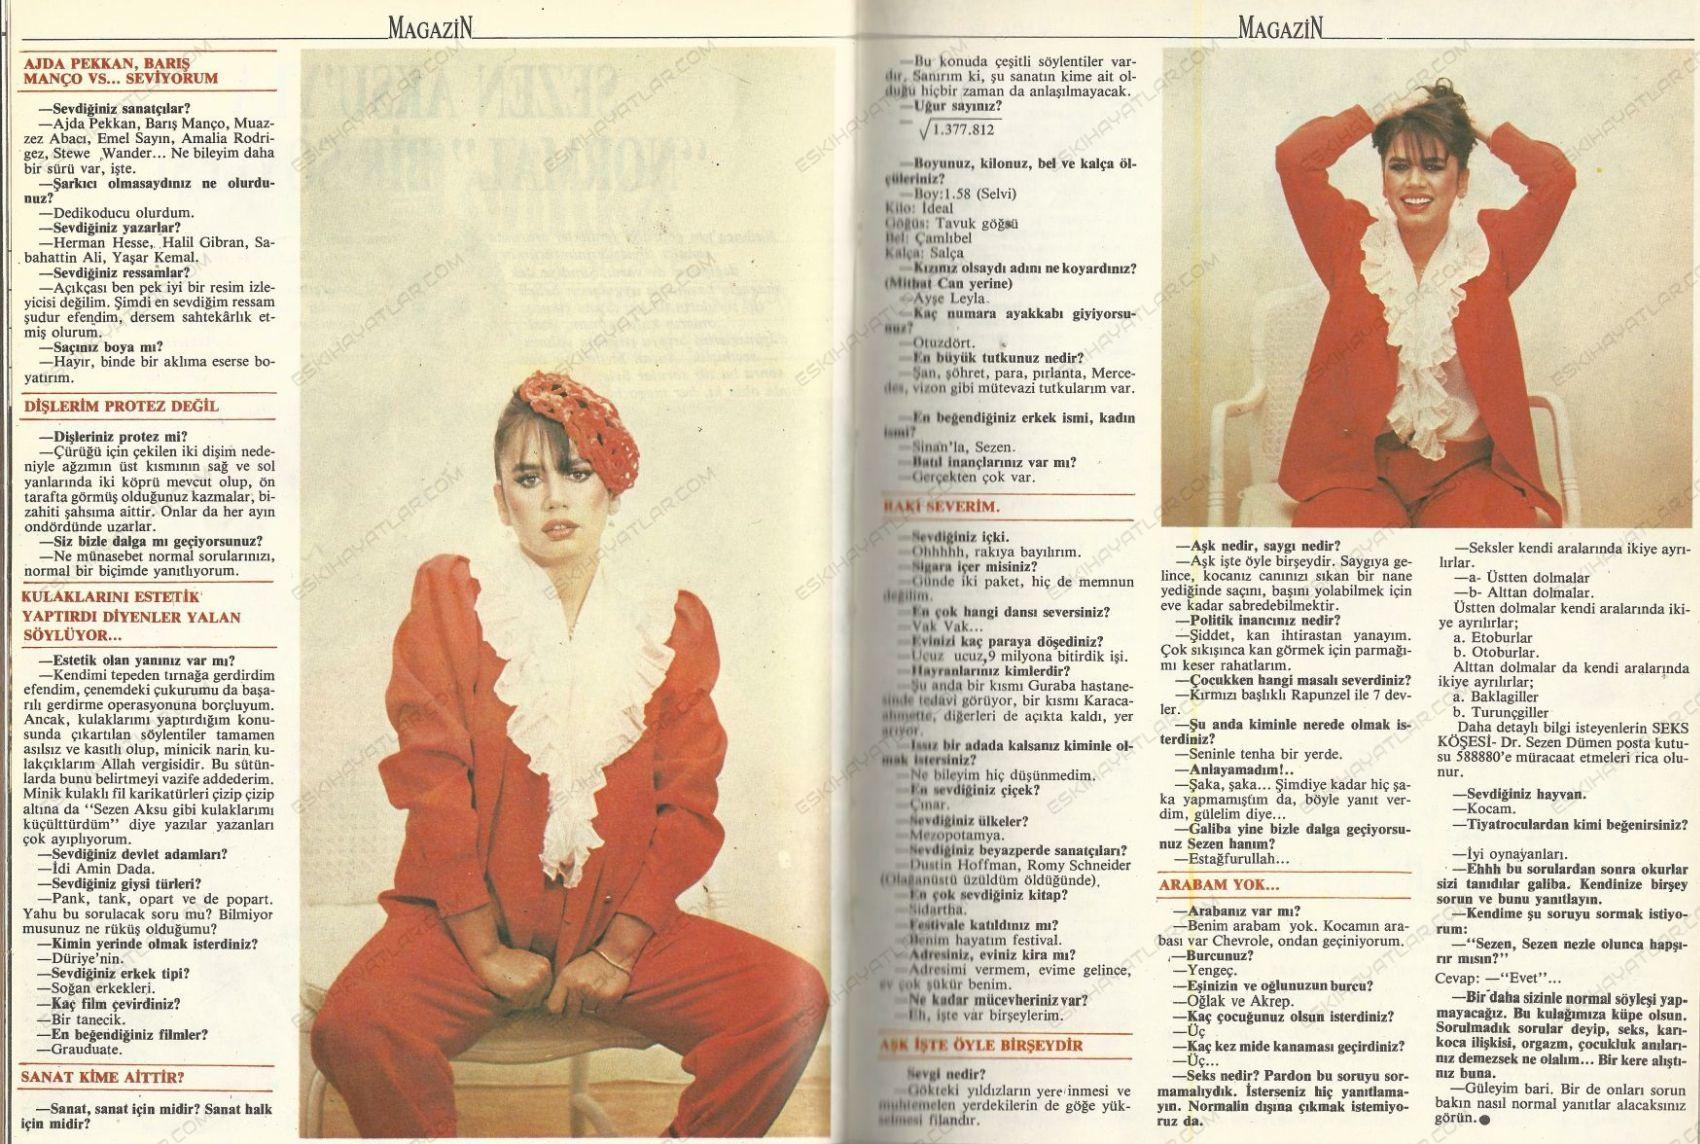 0365-sezen-aksu-ile-normal-bir-soylesi-1982-kadinca-dergisi (4)